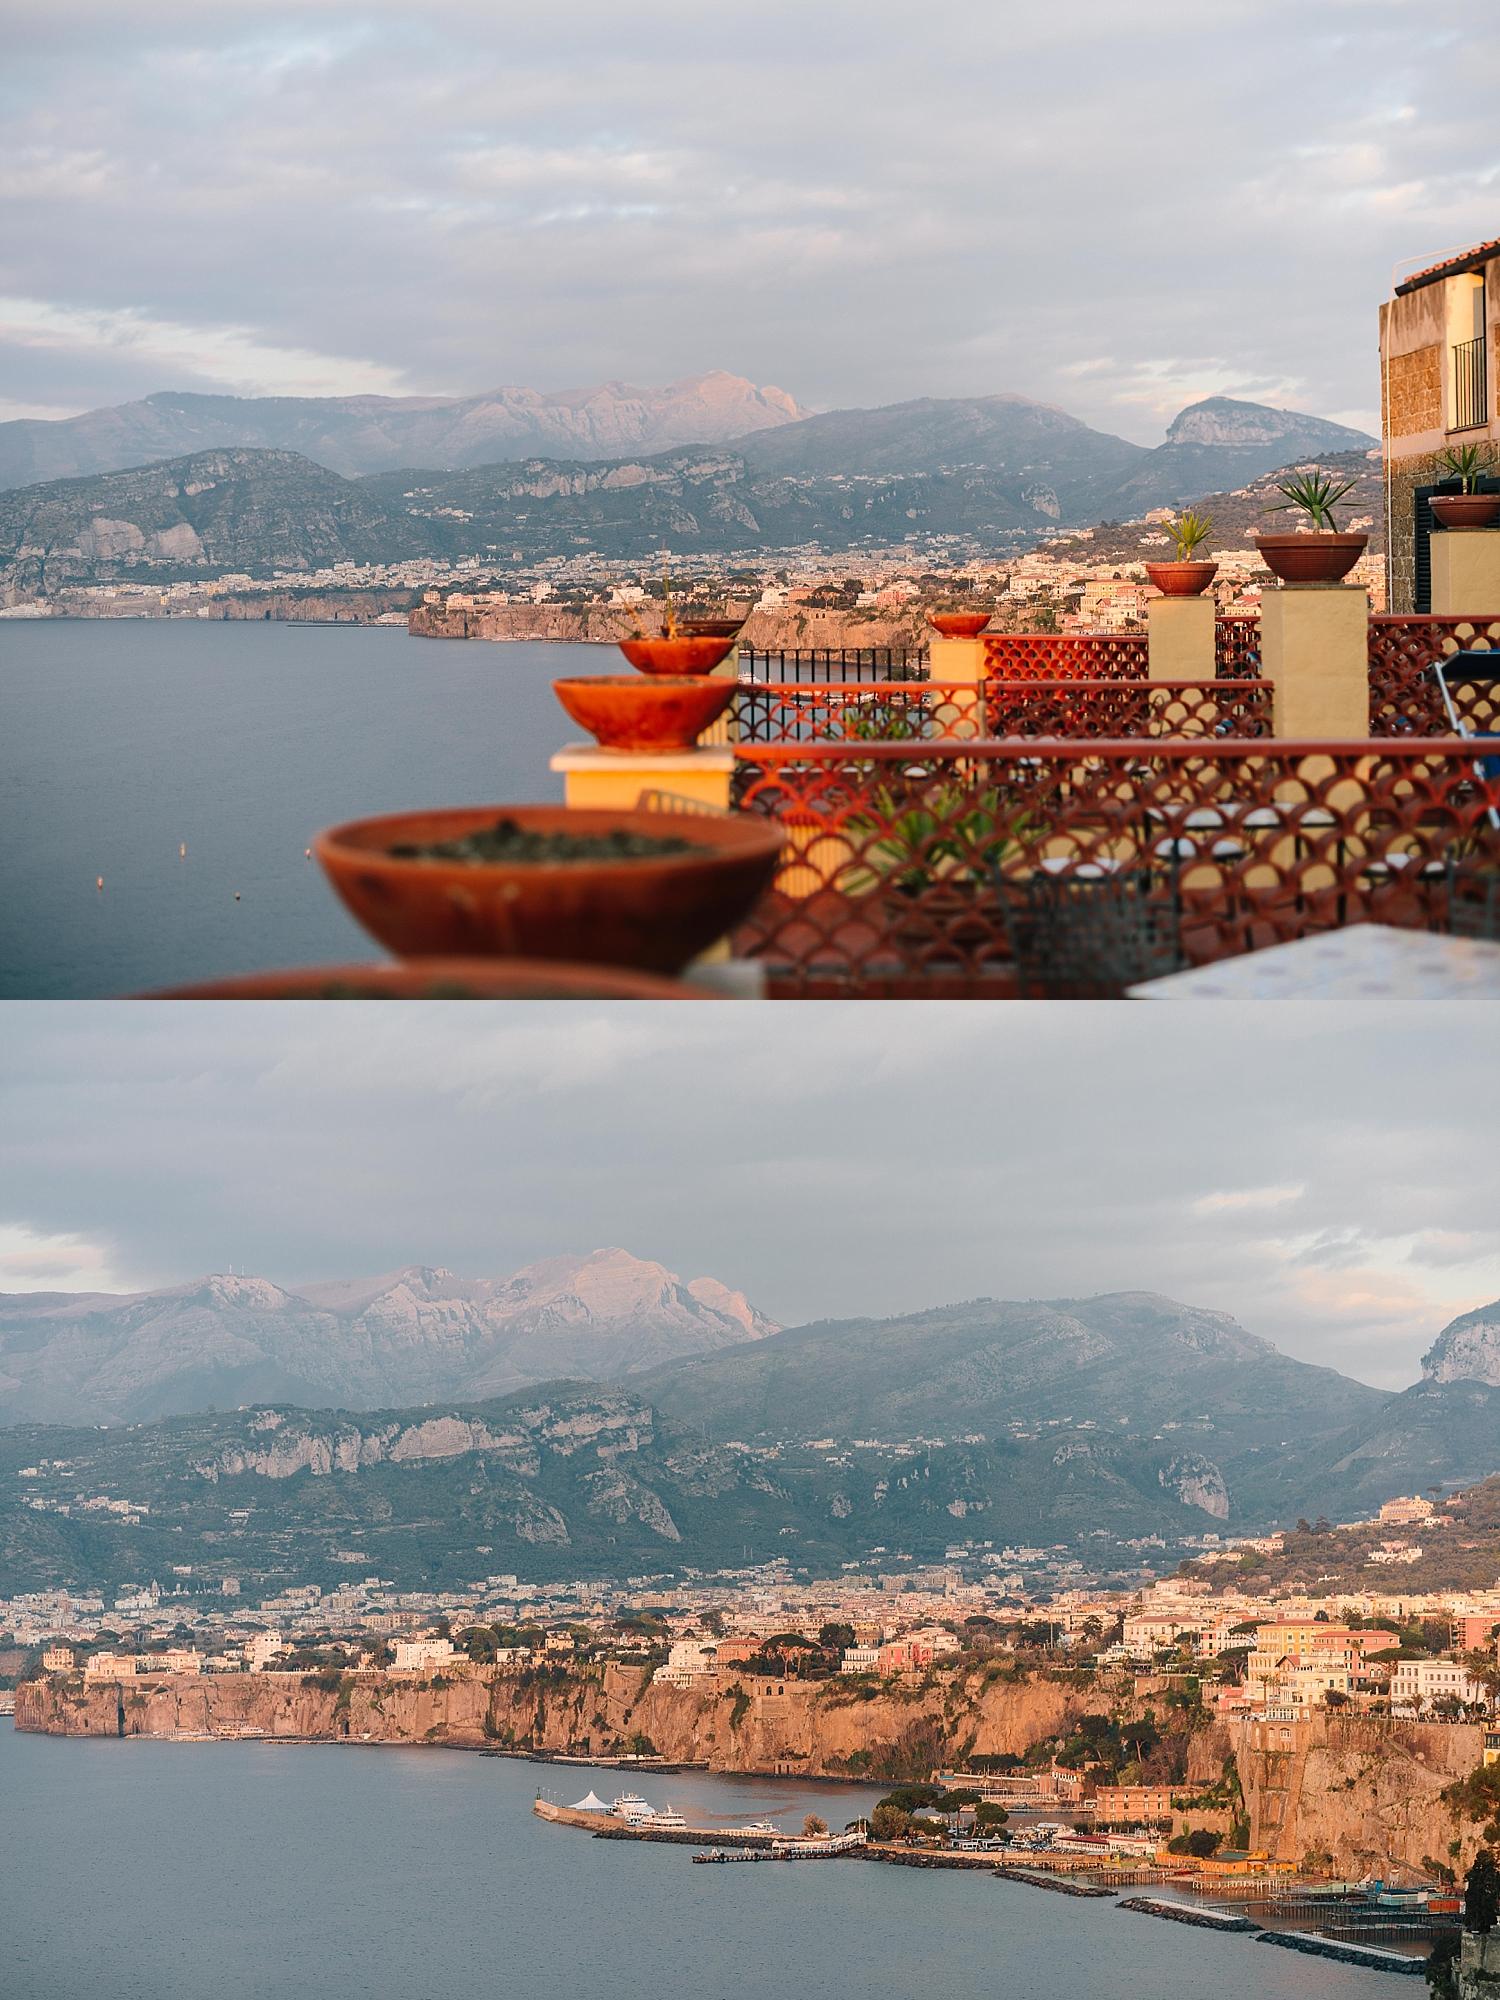 View from Hotel La Tonnarella